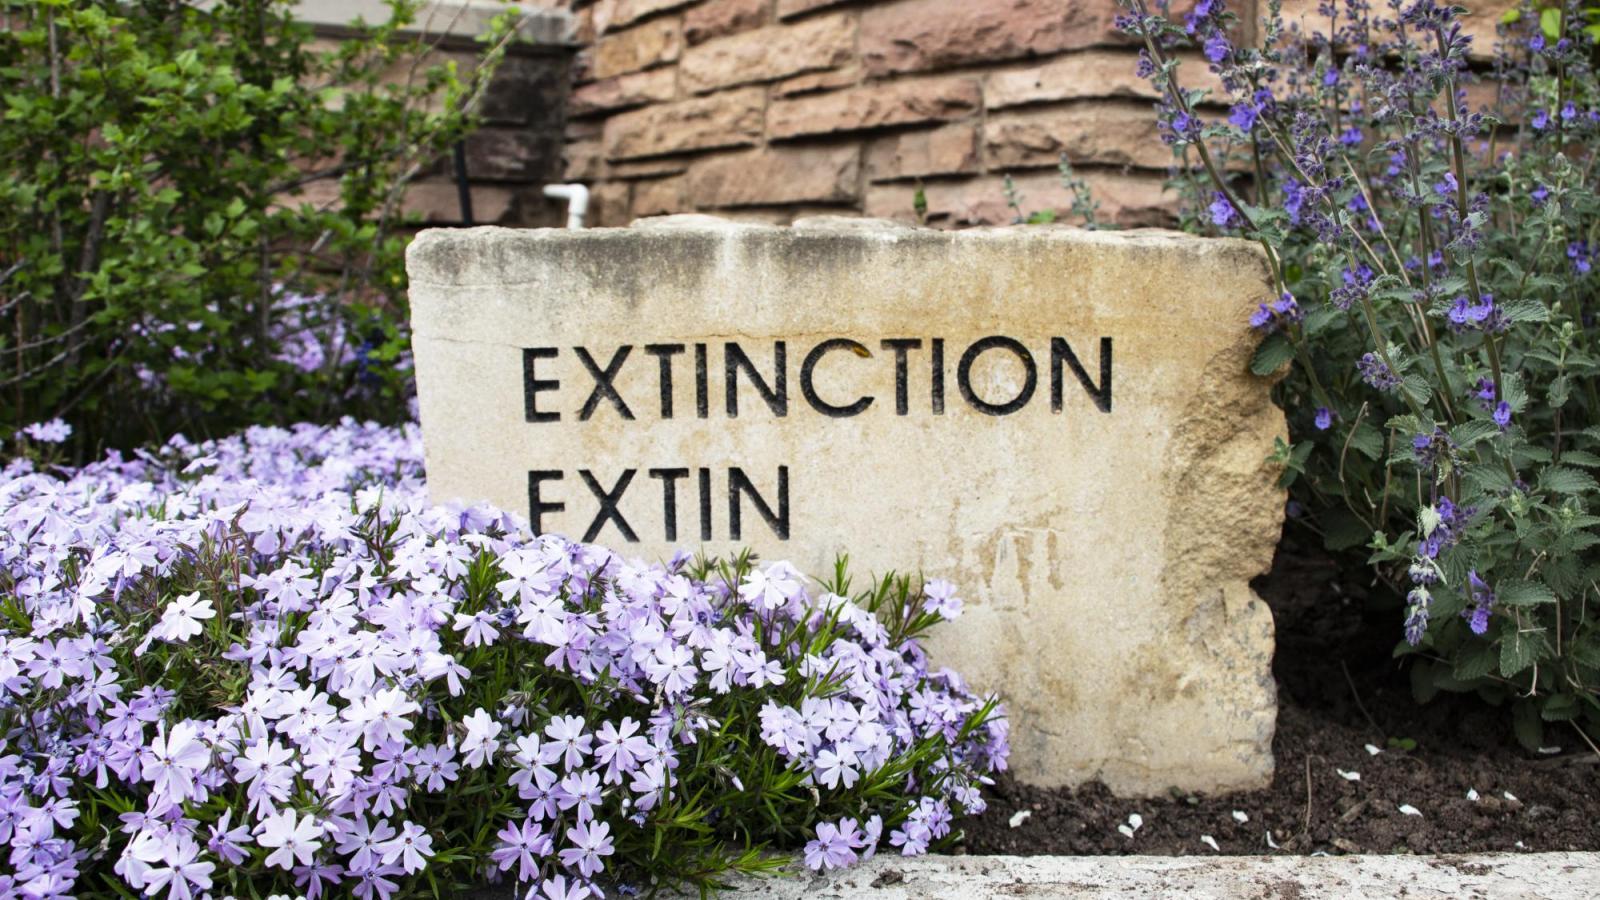 Extinction inscription